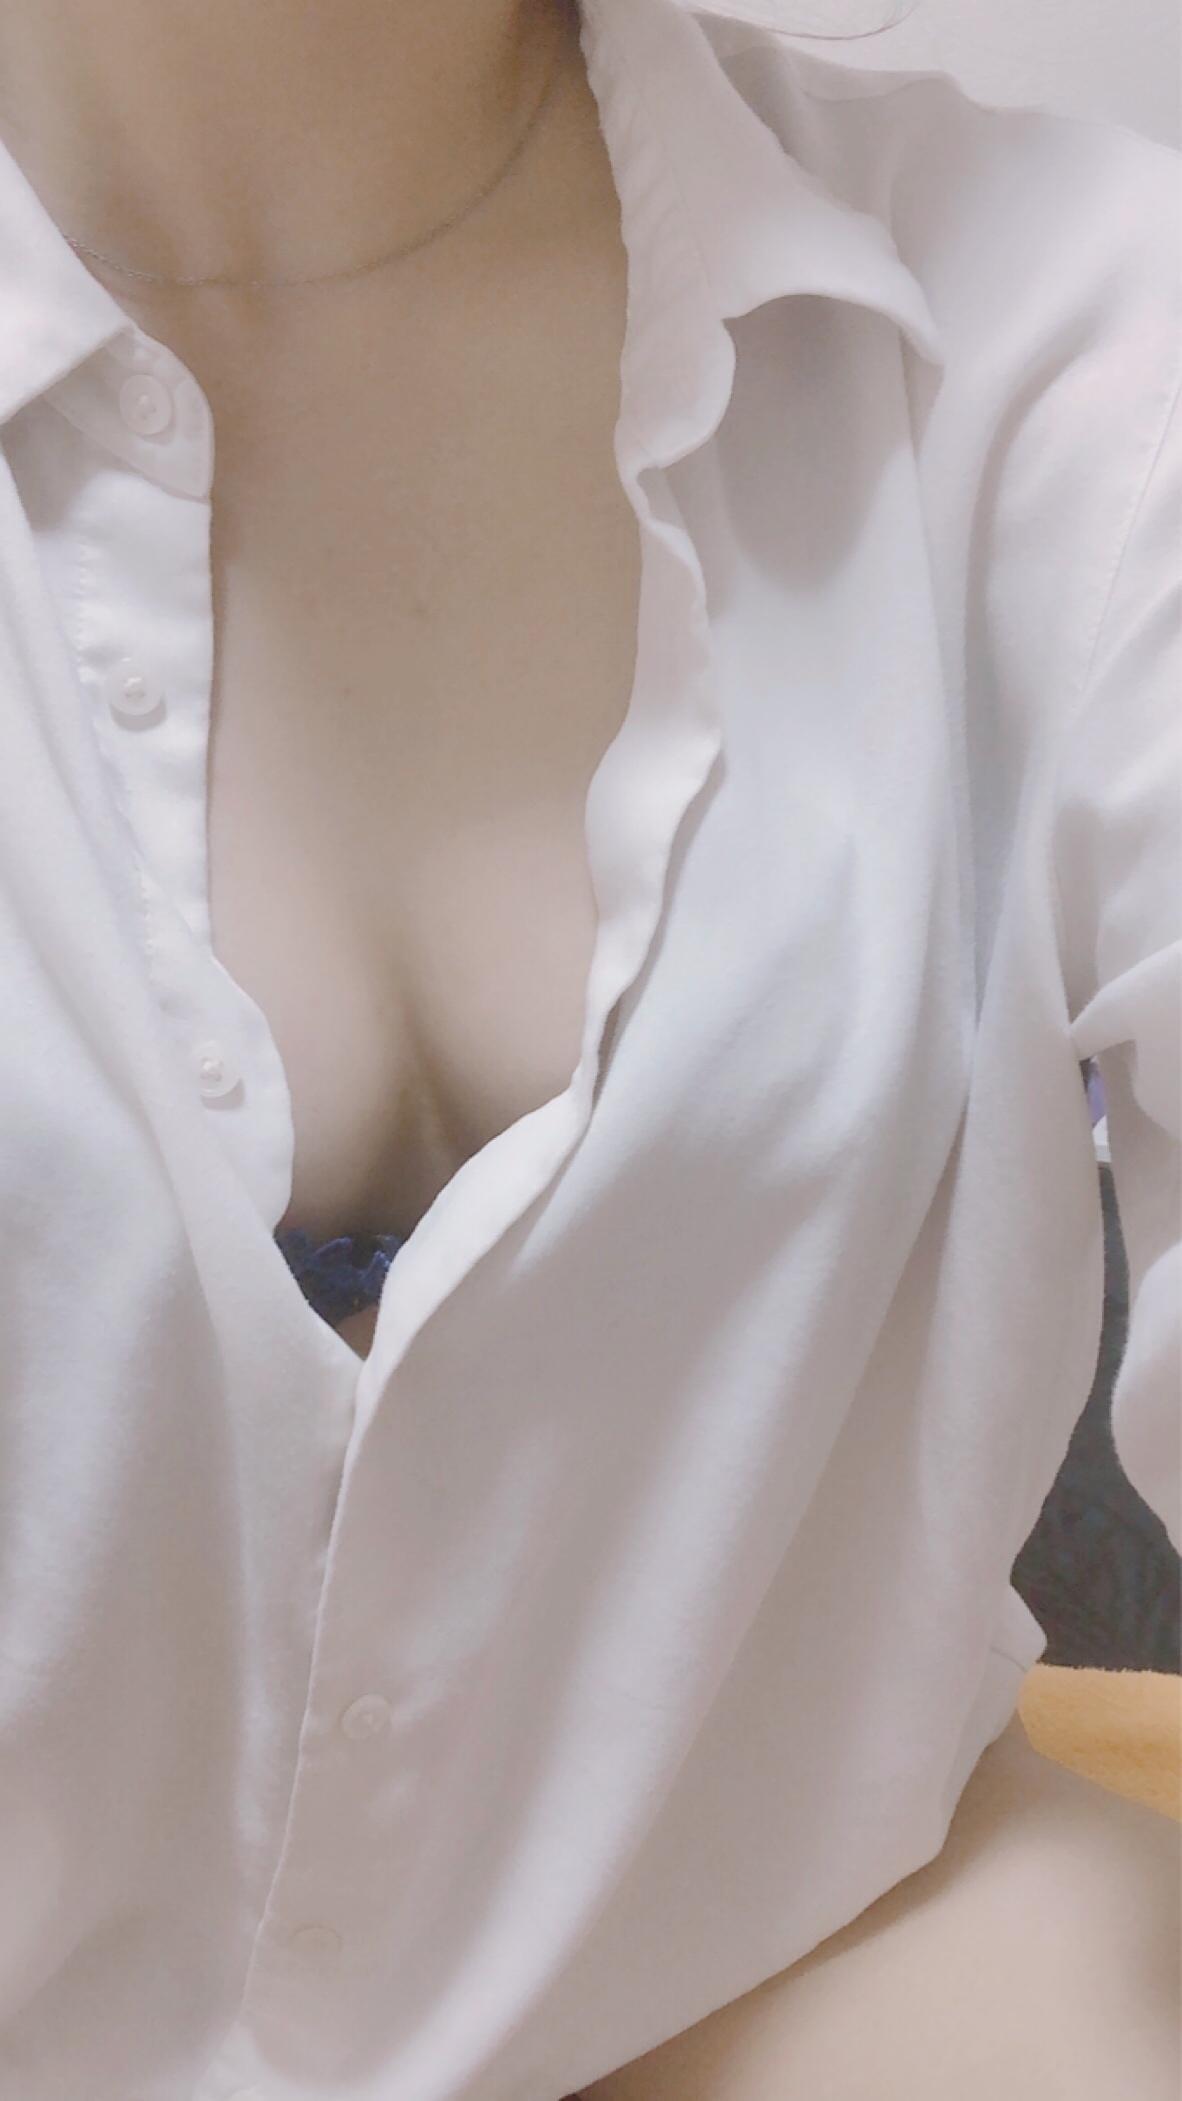 「お礼◡̈⃝︎⋆︎*」06/13(木) 02:51 | あんちゃんの写メ・風俗動画